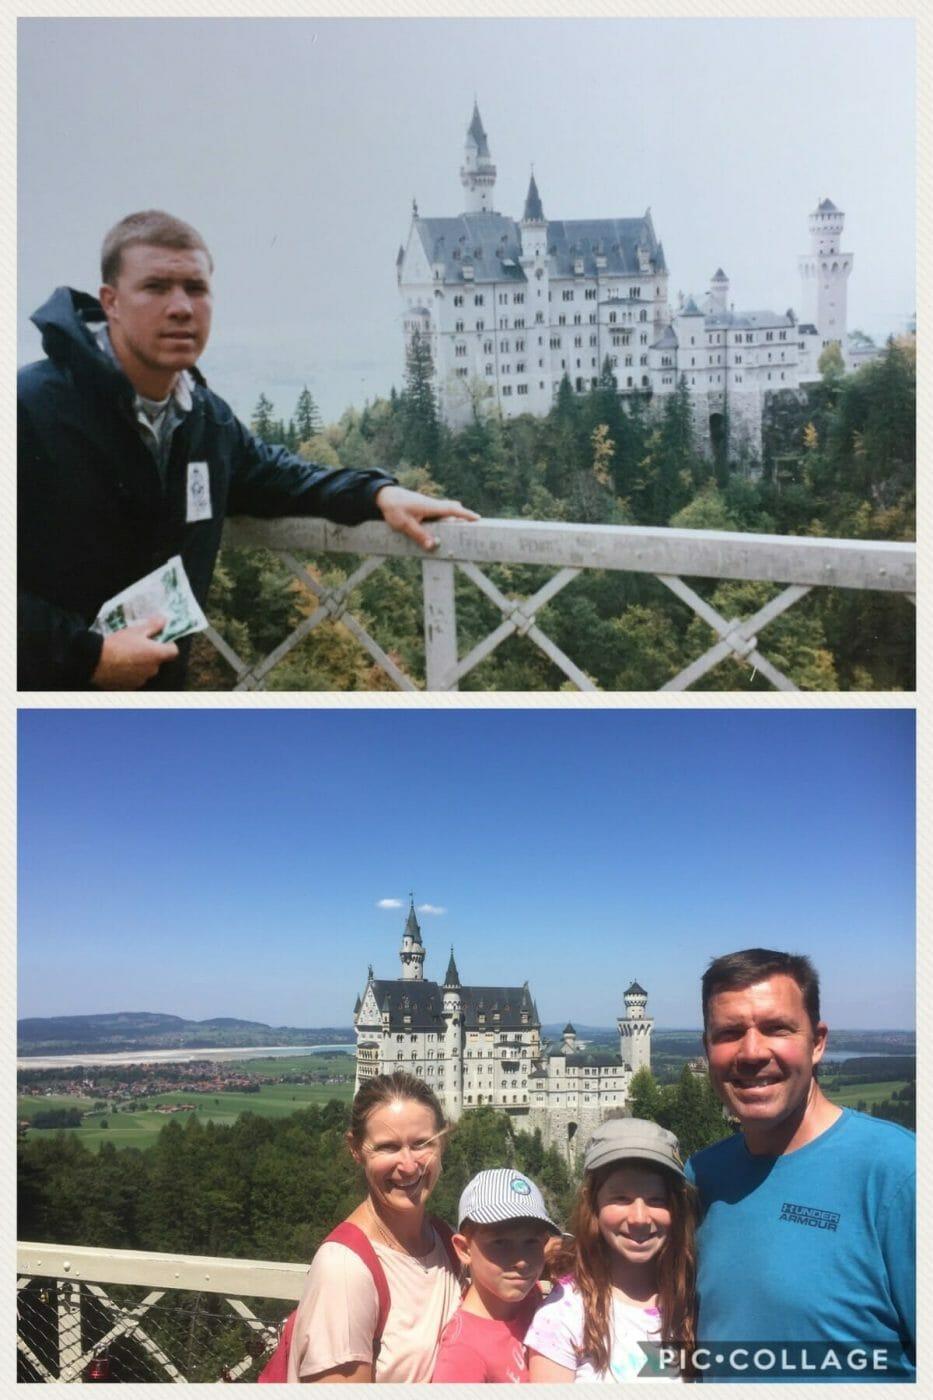 JP (re)visits the German castle